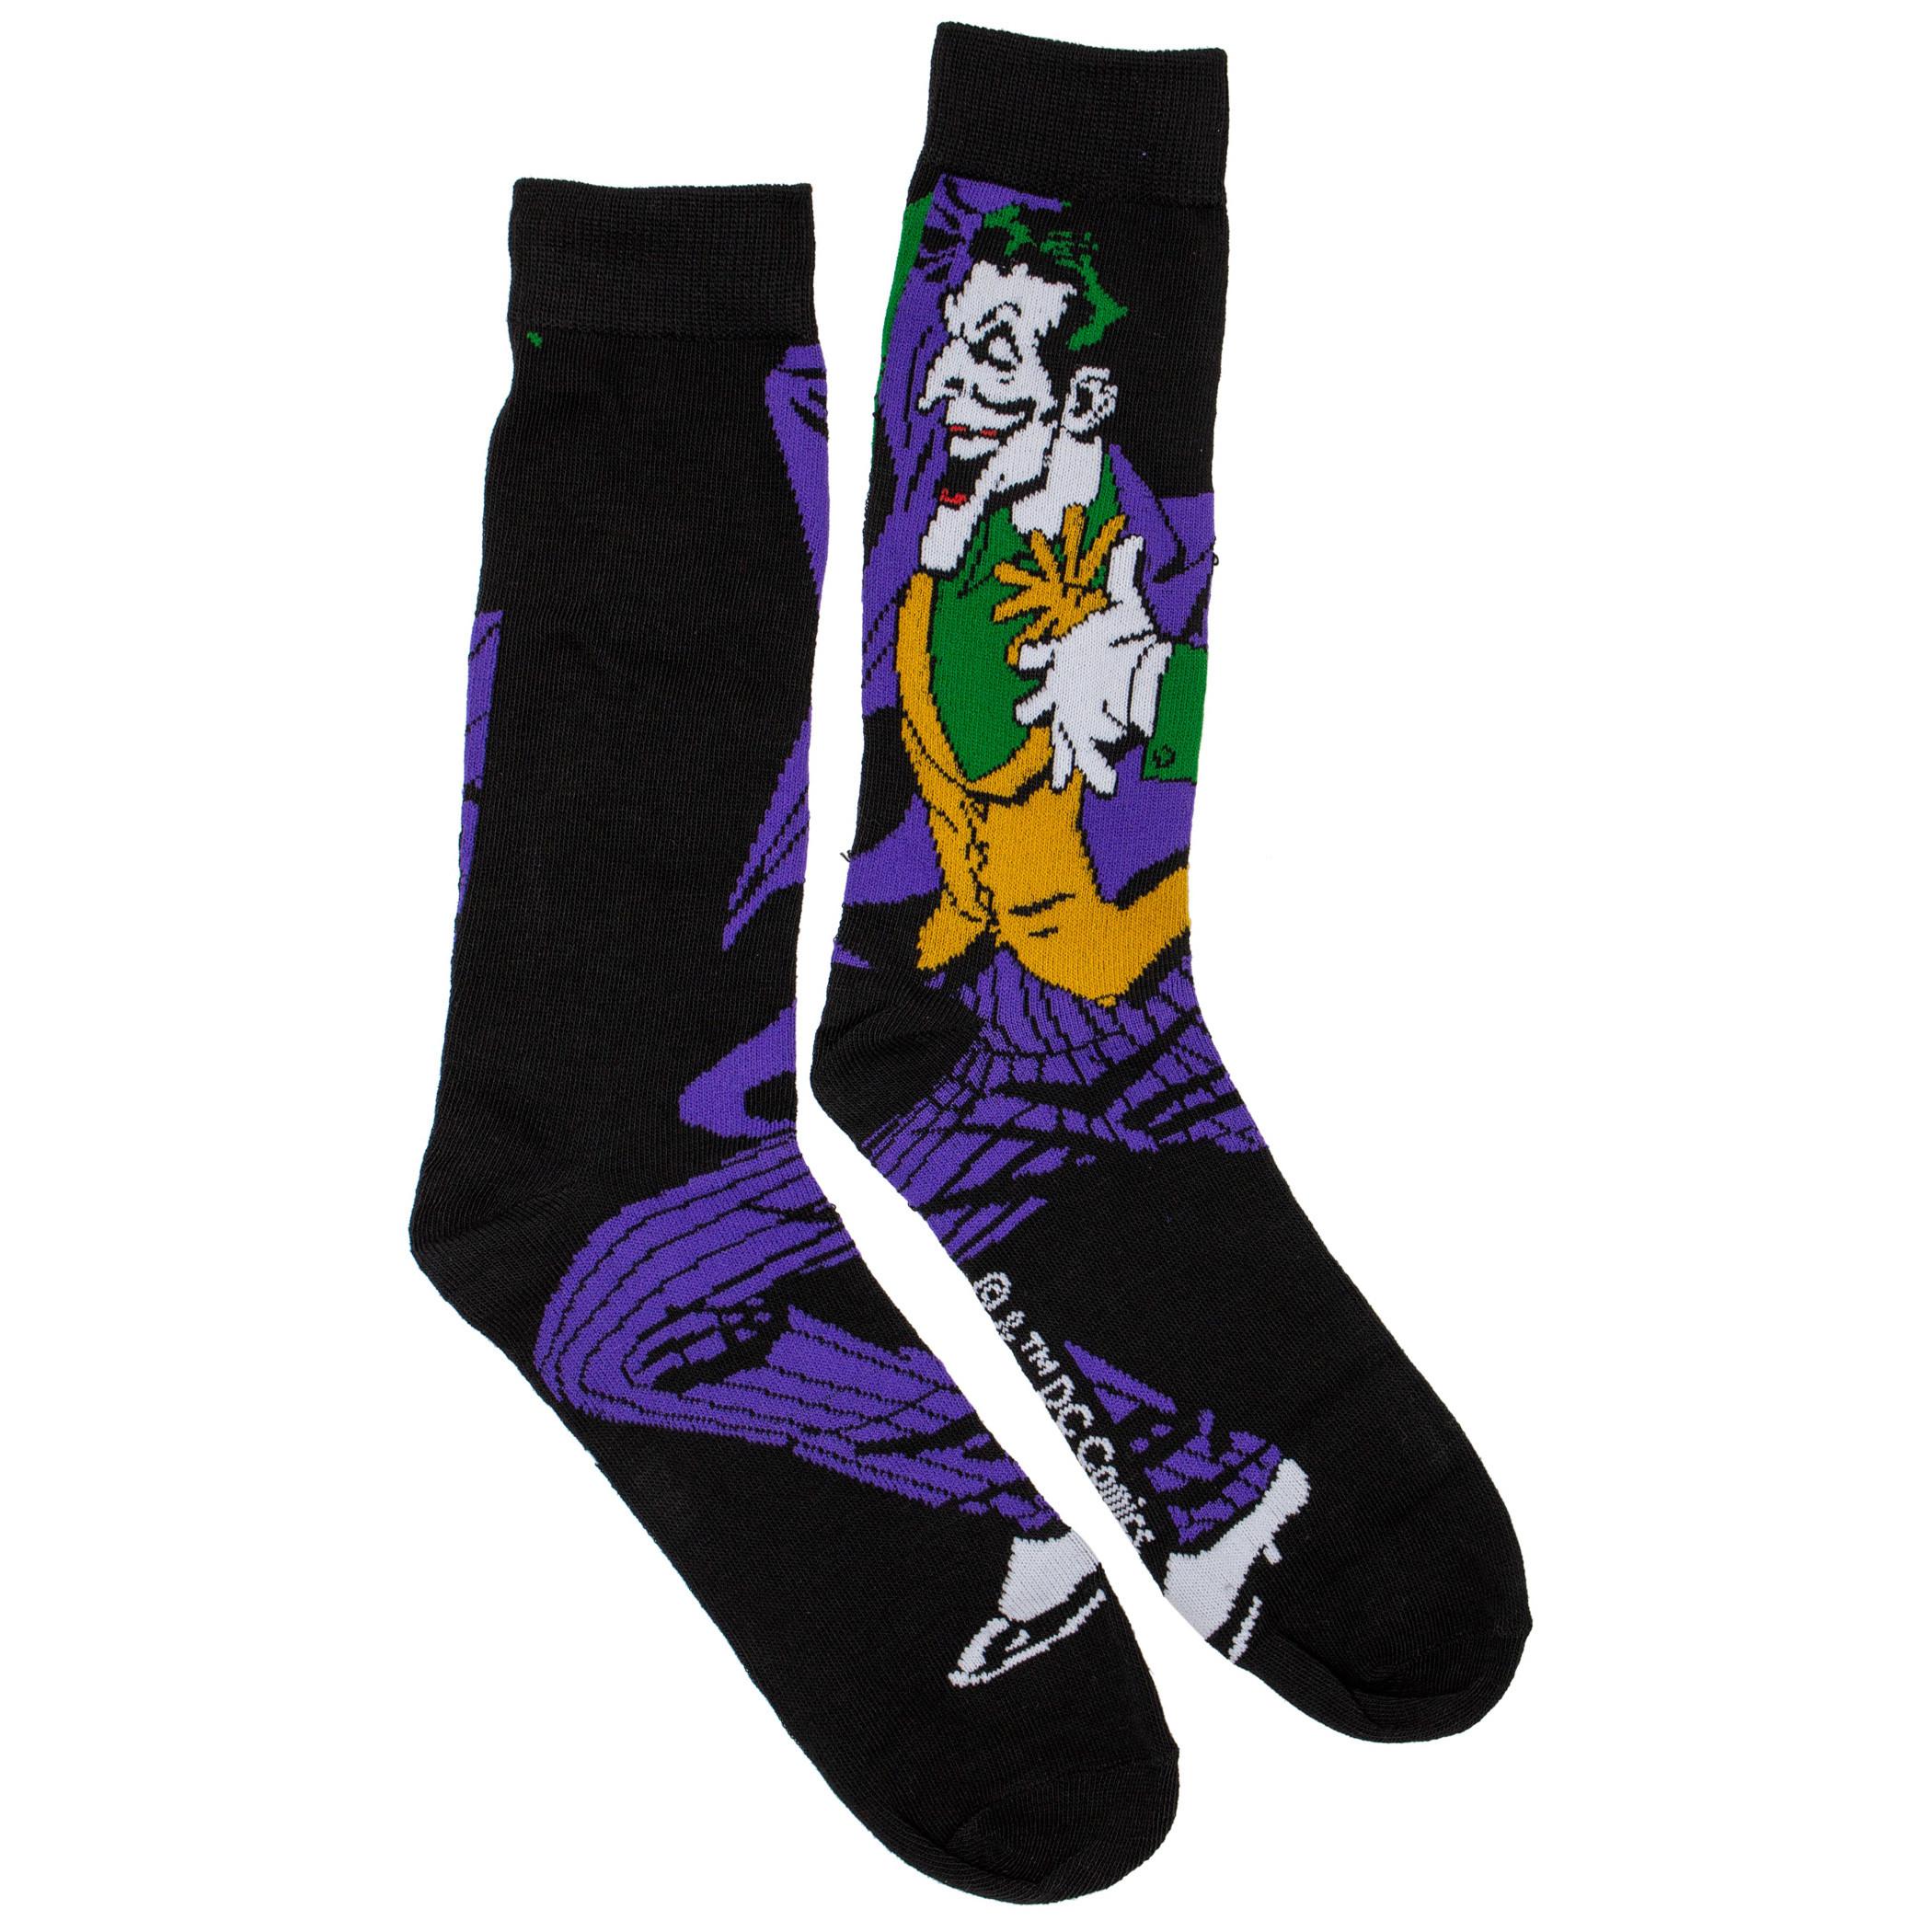 The Joker Action Pose Crew Socks